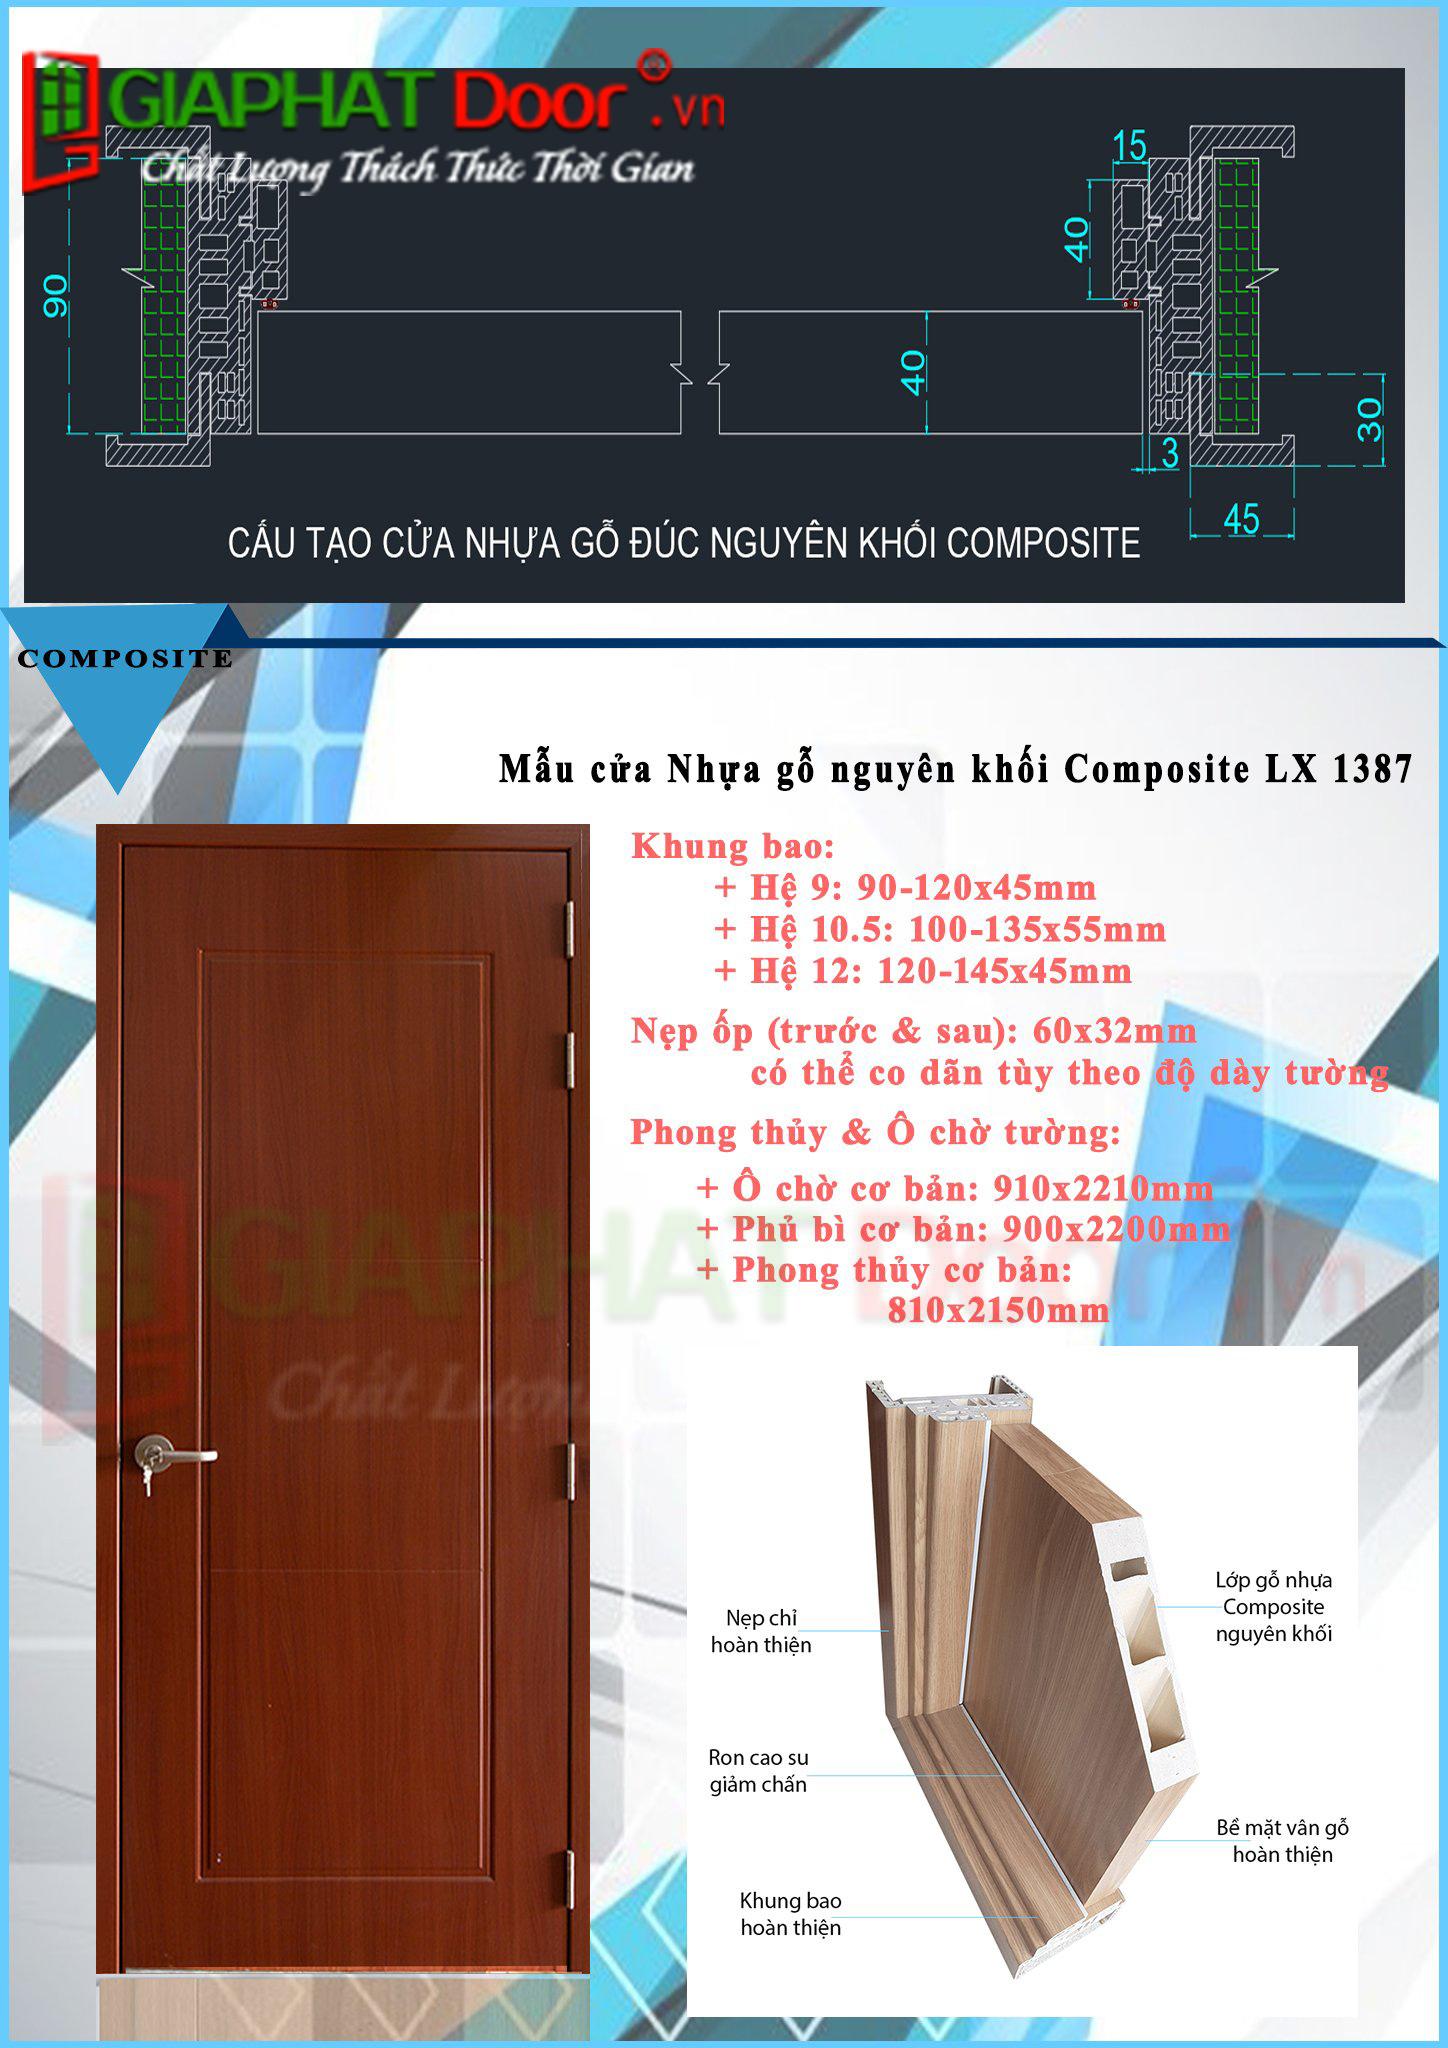 Mặt cắt cấu tạo kĩ thuật chi tiết cửa nhựa gỗ Composite Luxury